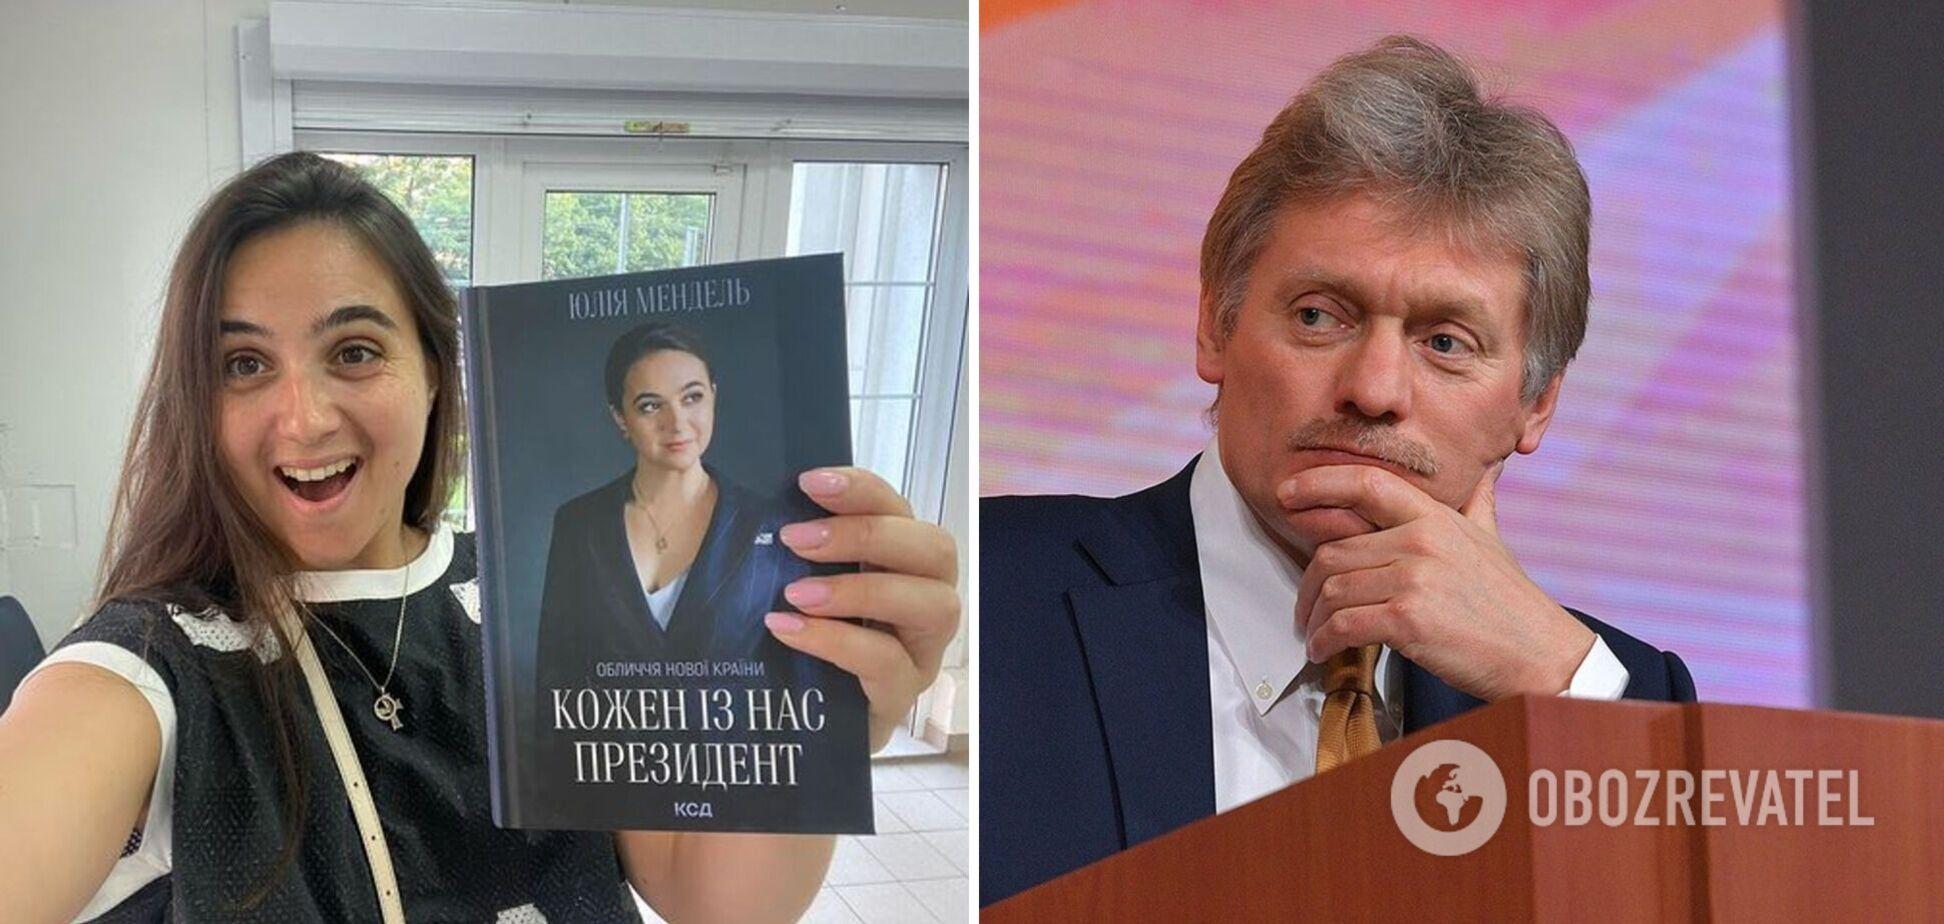 Юлия Мендель – о своей книге для Пескова: если кто-то кого-то не слышит, то можно прочитать